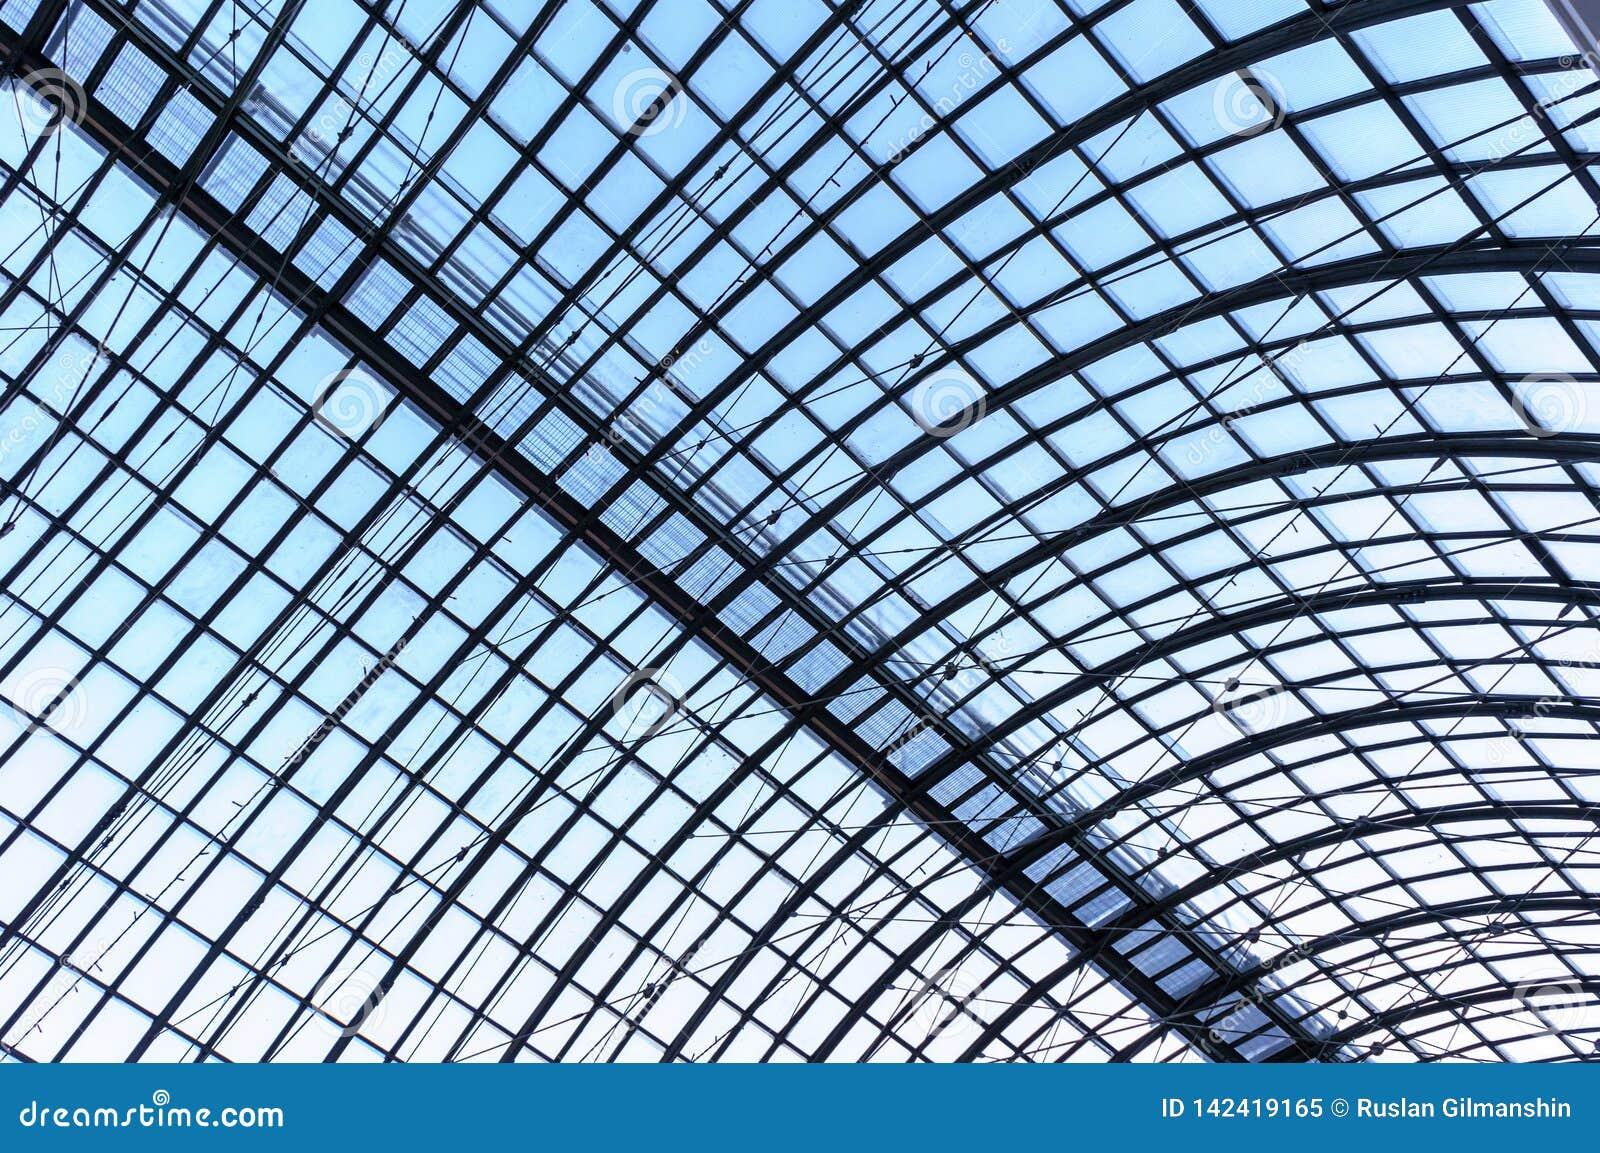 Unter dem Dach Glasplattendach mit weißen Dielen unter hellem blauem Himmel